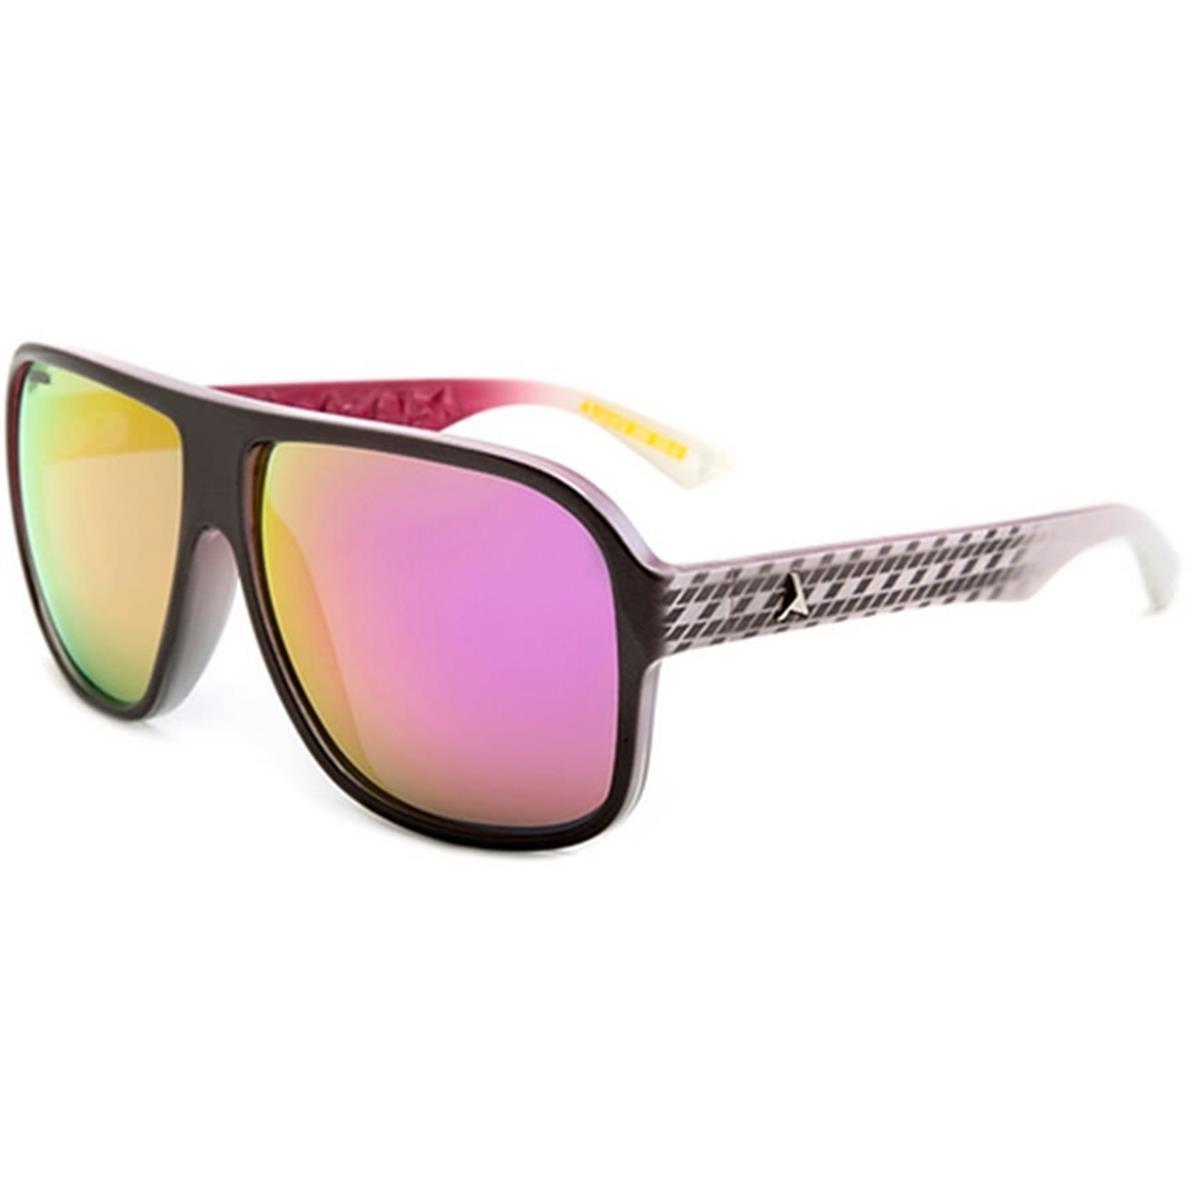 Óculos de Sol Prata e Branco com Lente Rosa CALIXTO Absurda c8acdae17a